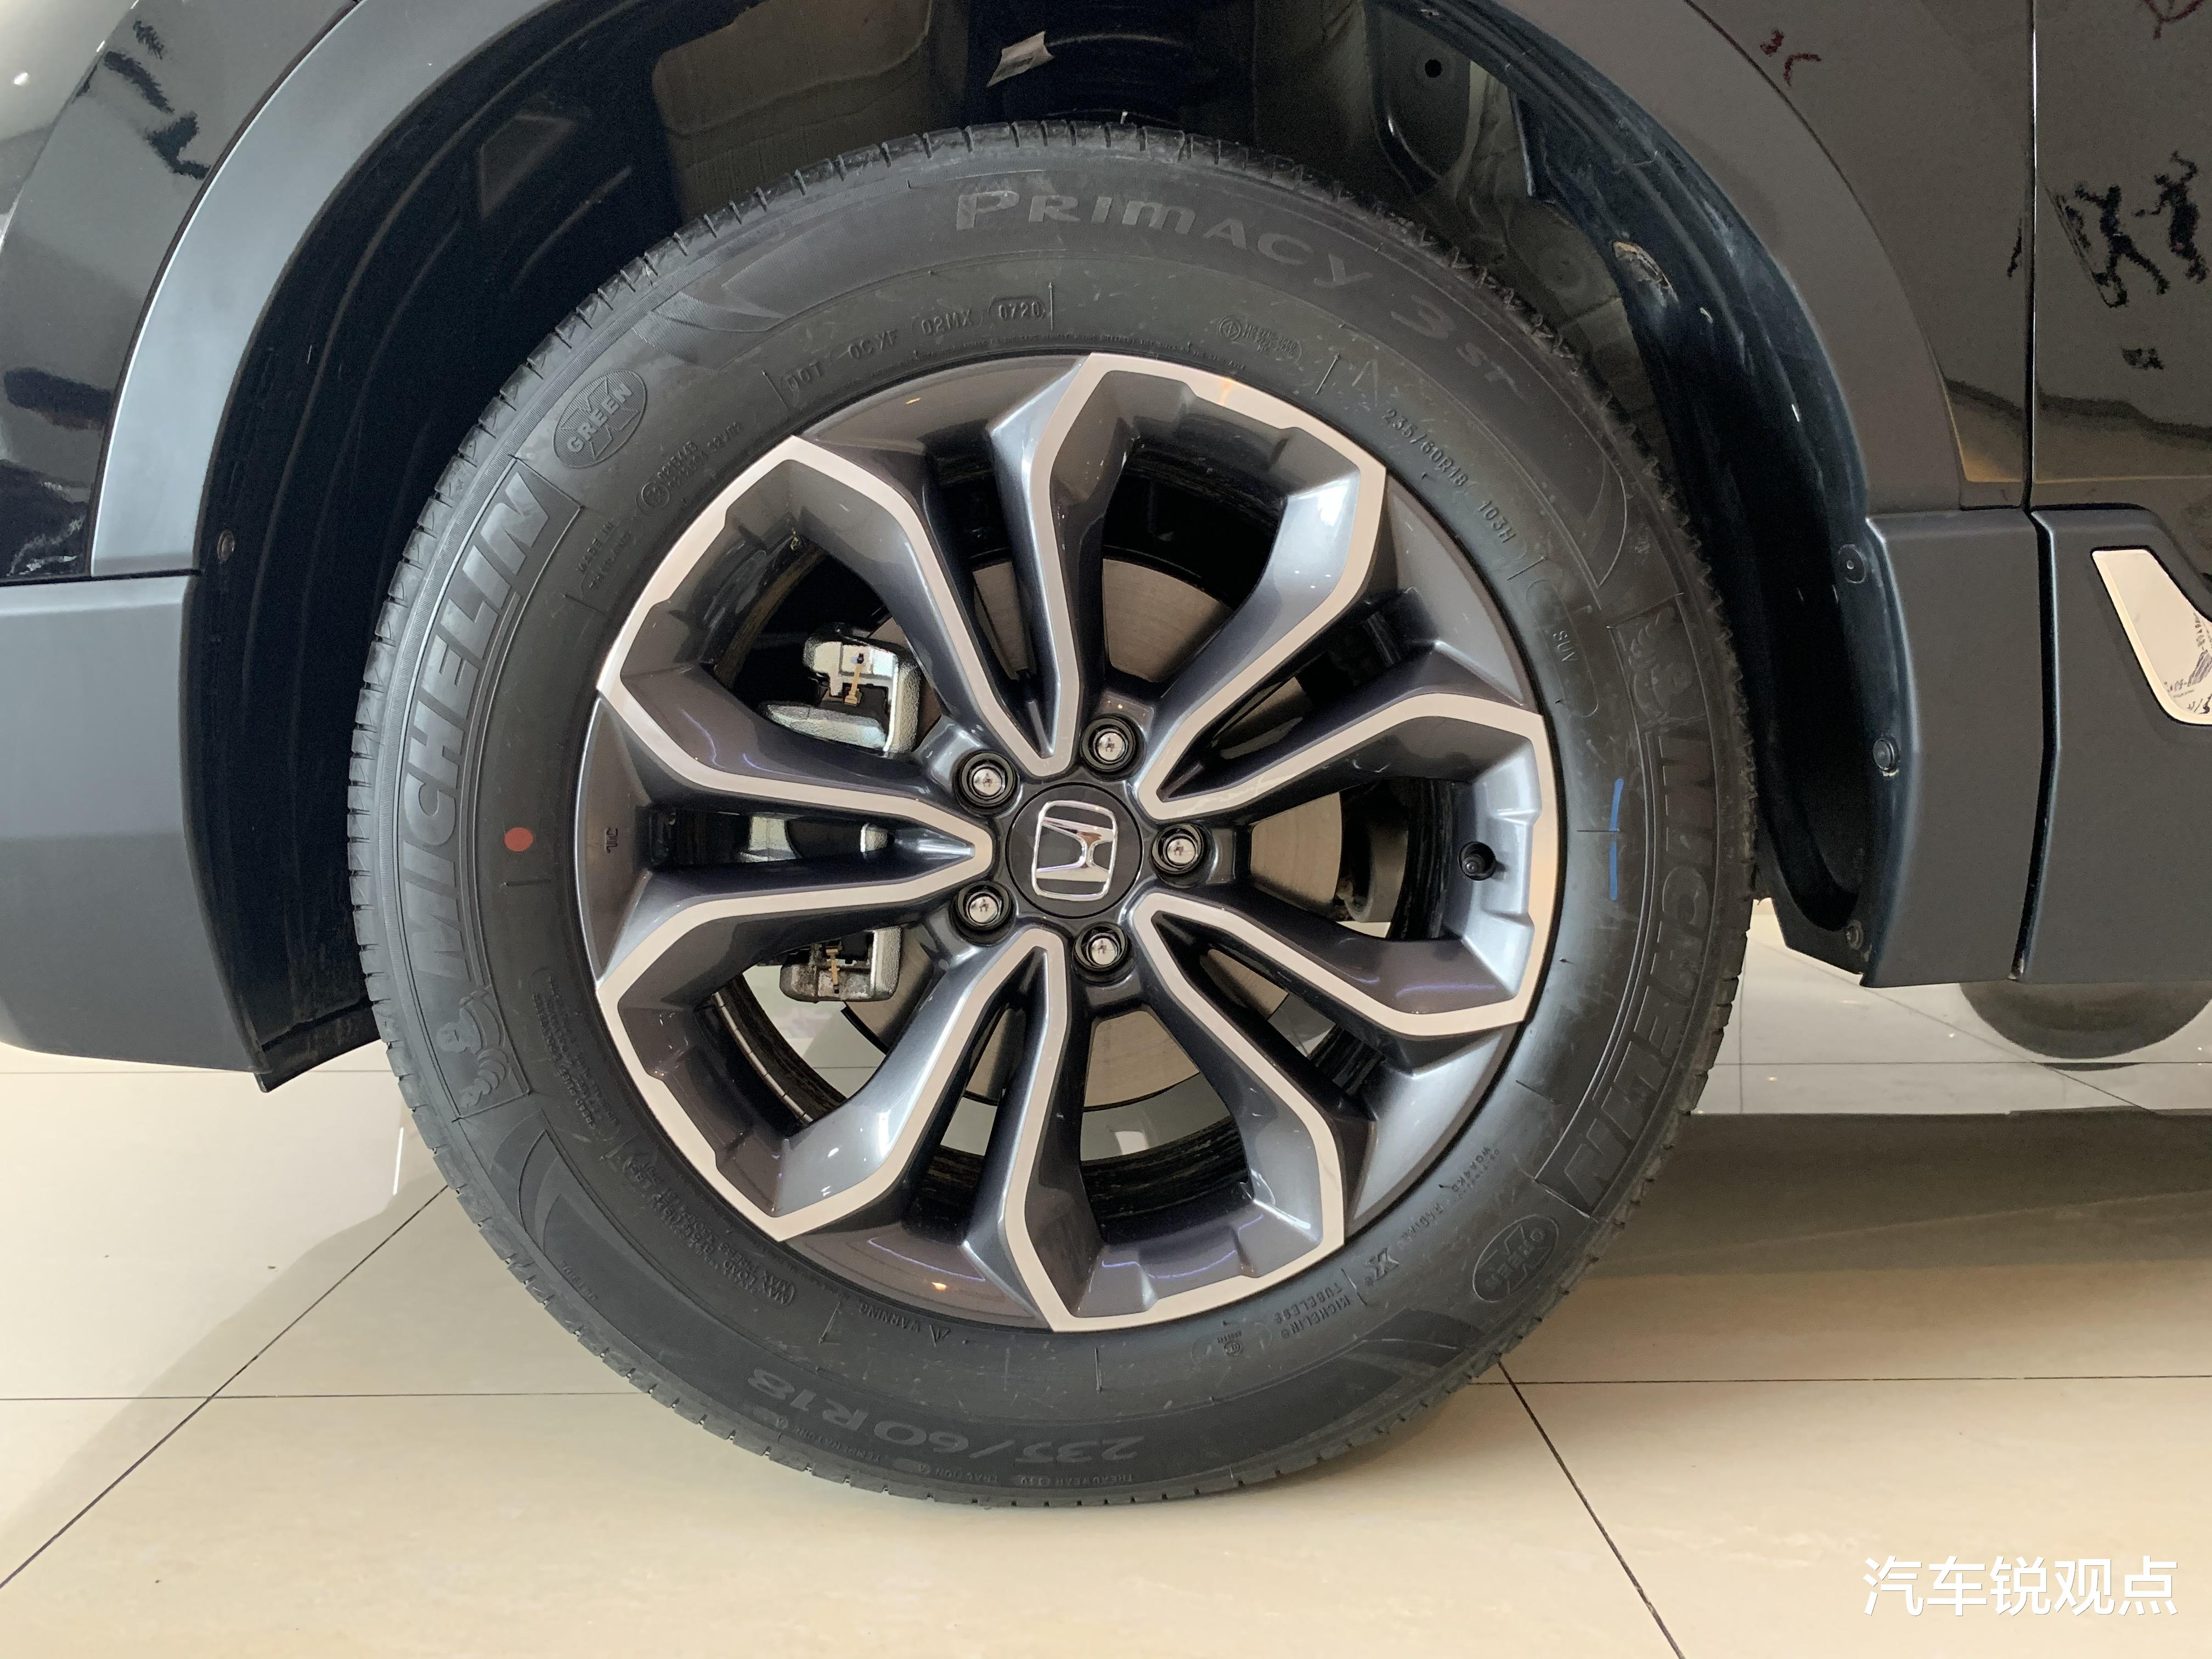 CR-V銷量爆發,12月賣出3.7萬輛,探店瞭解實力到底如何-圖2